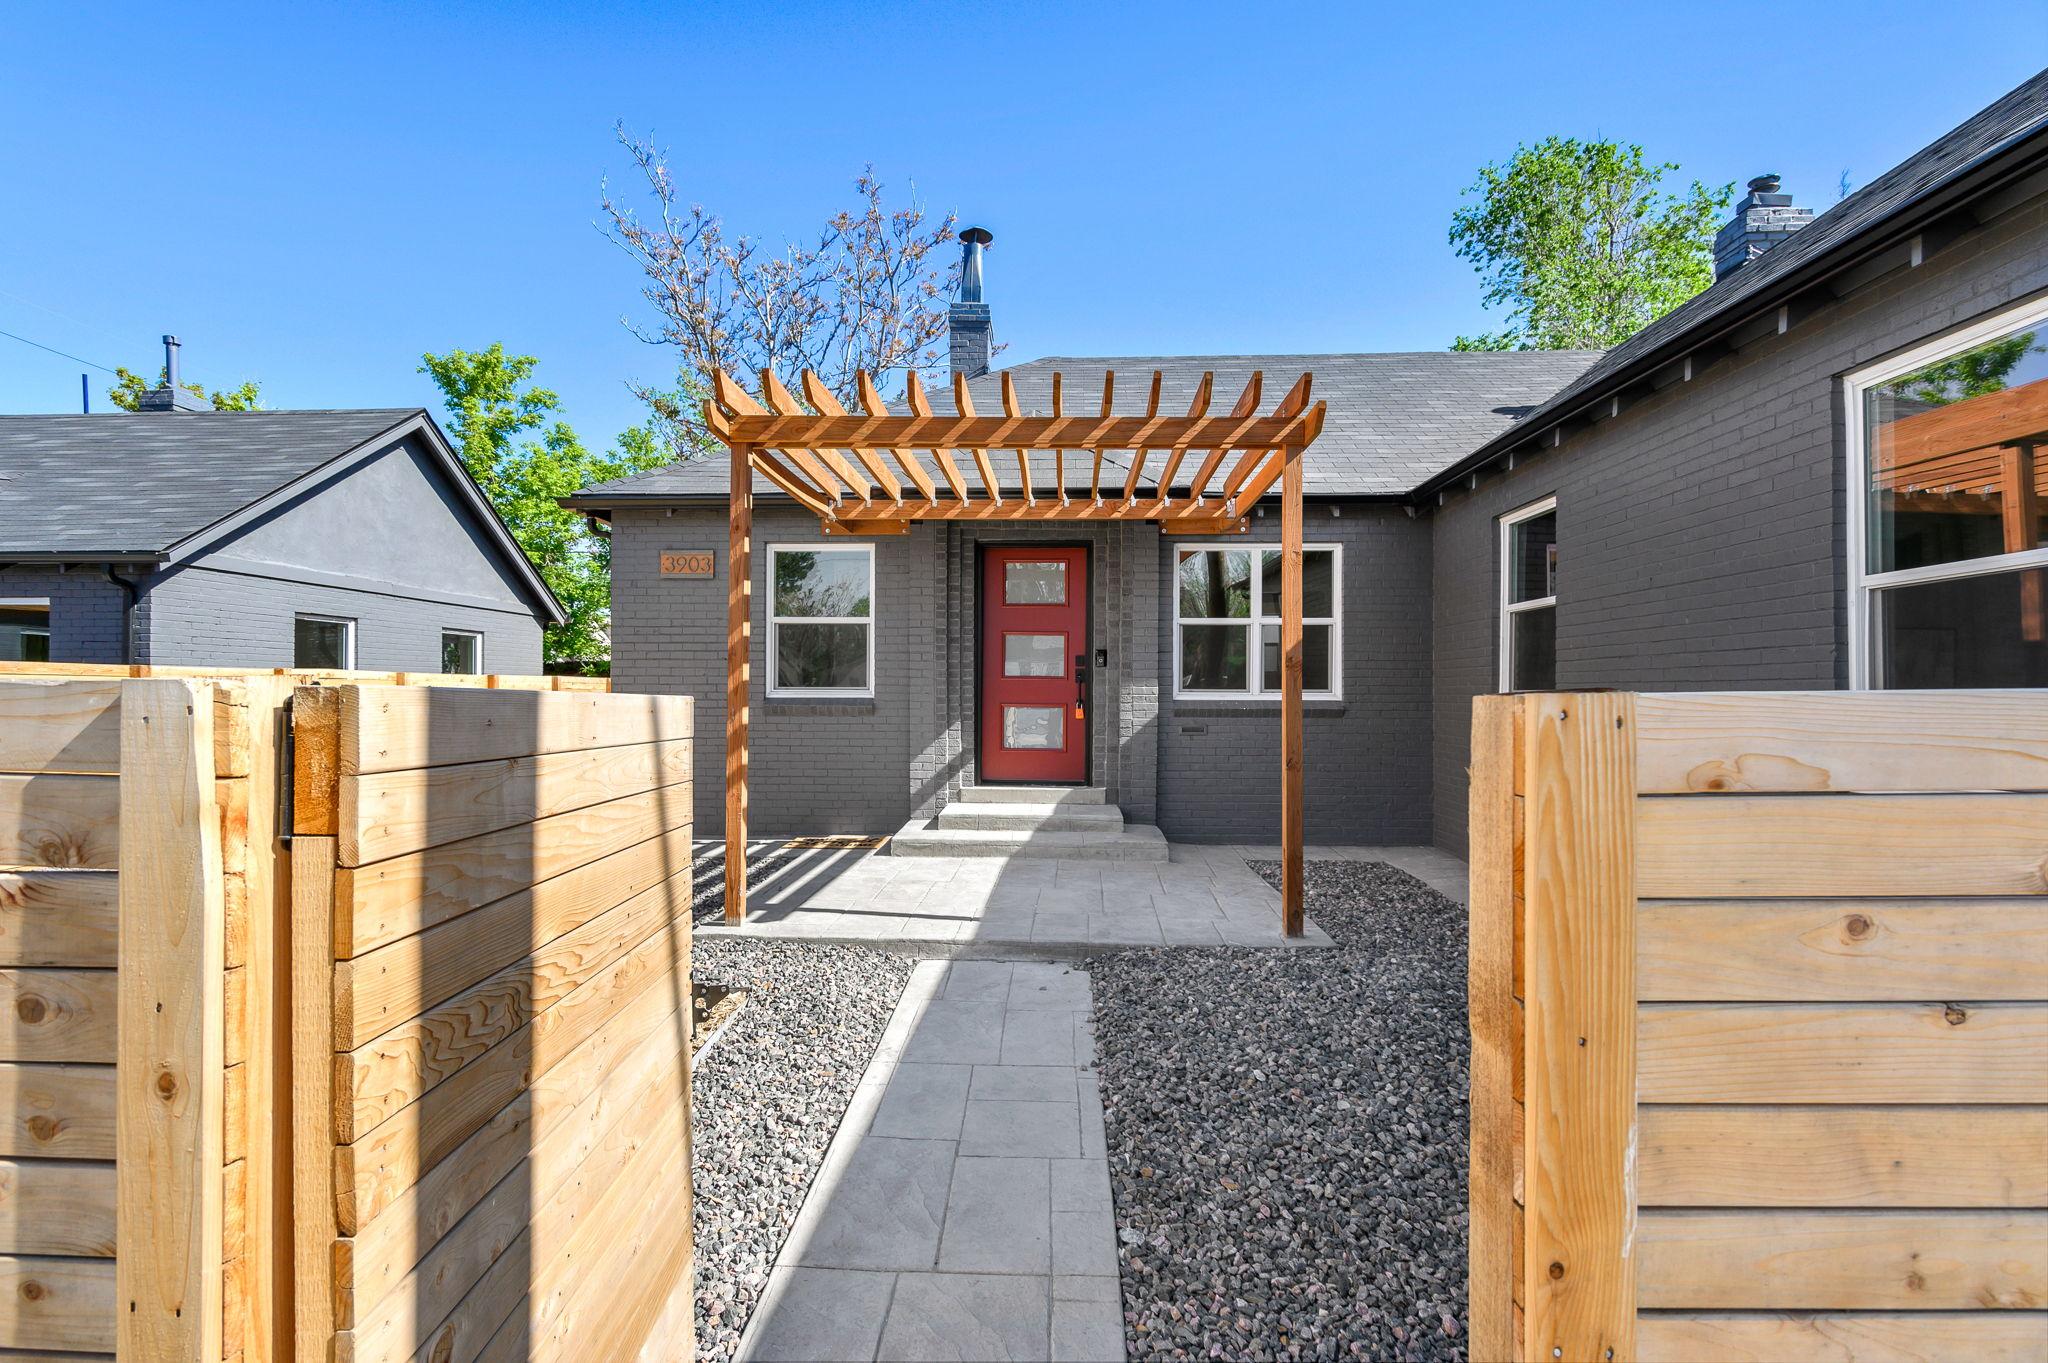 Colorado Real Estate Agent, Sean Gribbons, Renovates & Sells 4 Units Off 38th Avenue, Denver